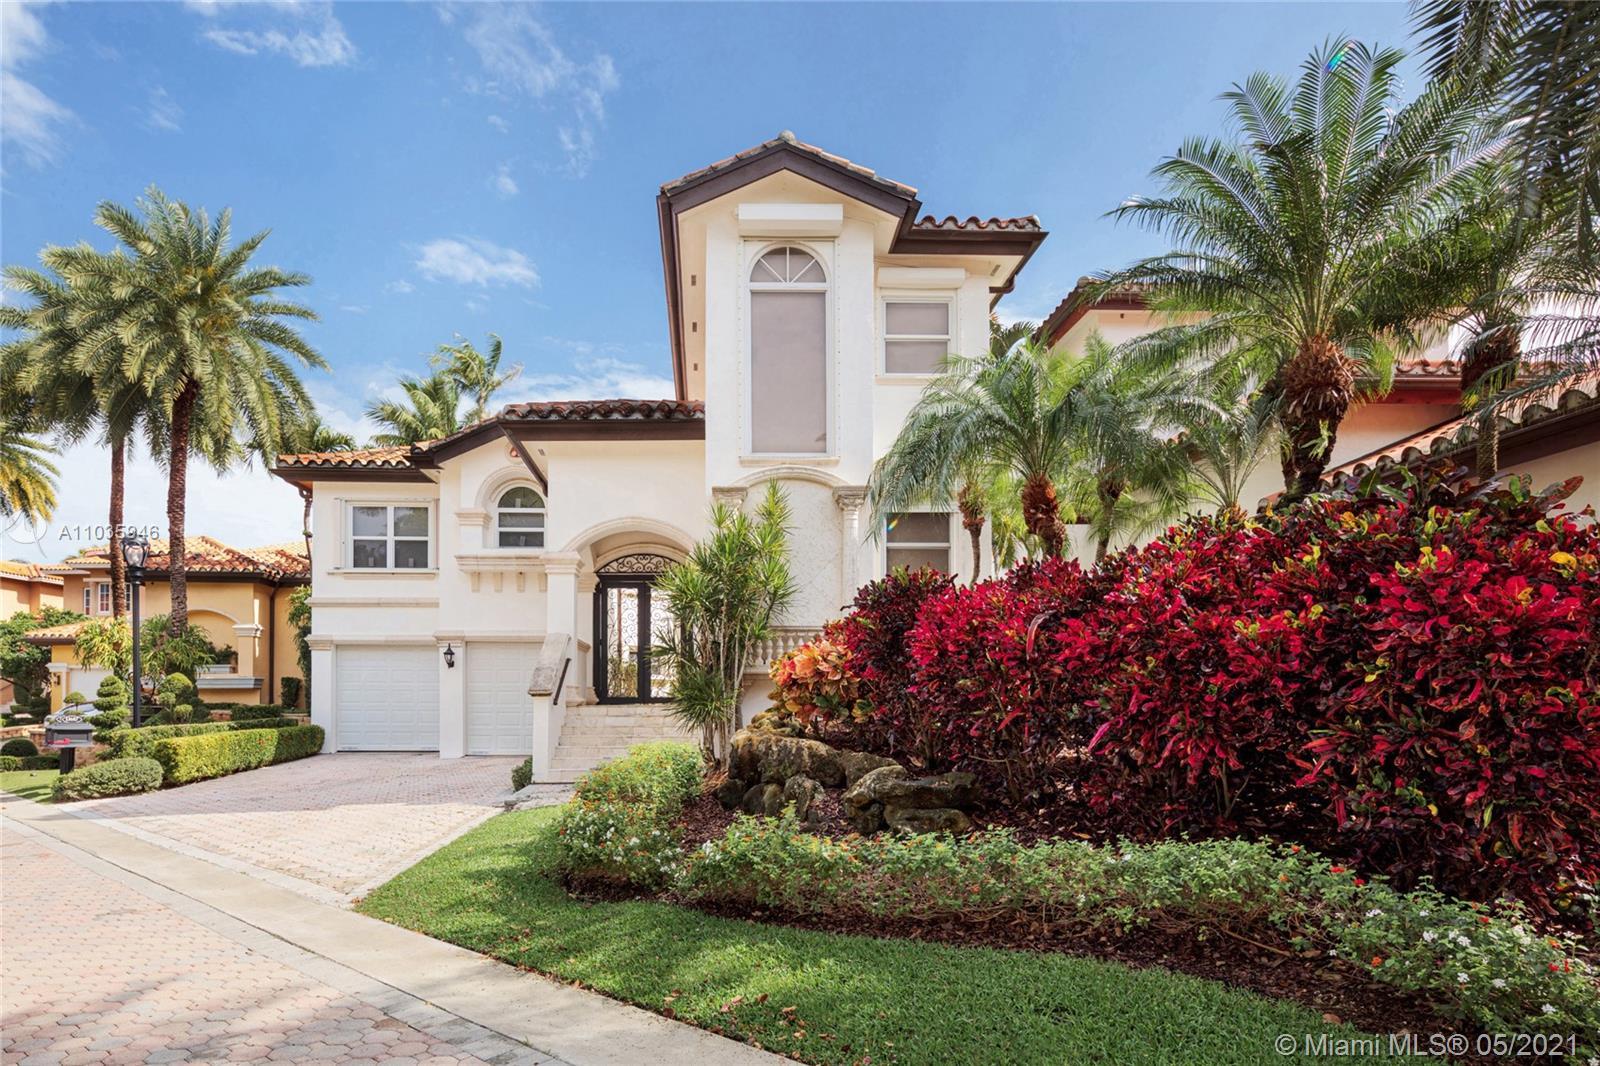 Deering Bay Estates - 13687 Deering Bay Dr, Coral Gables, FL 33158